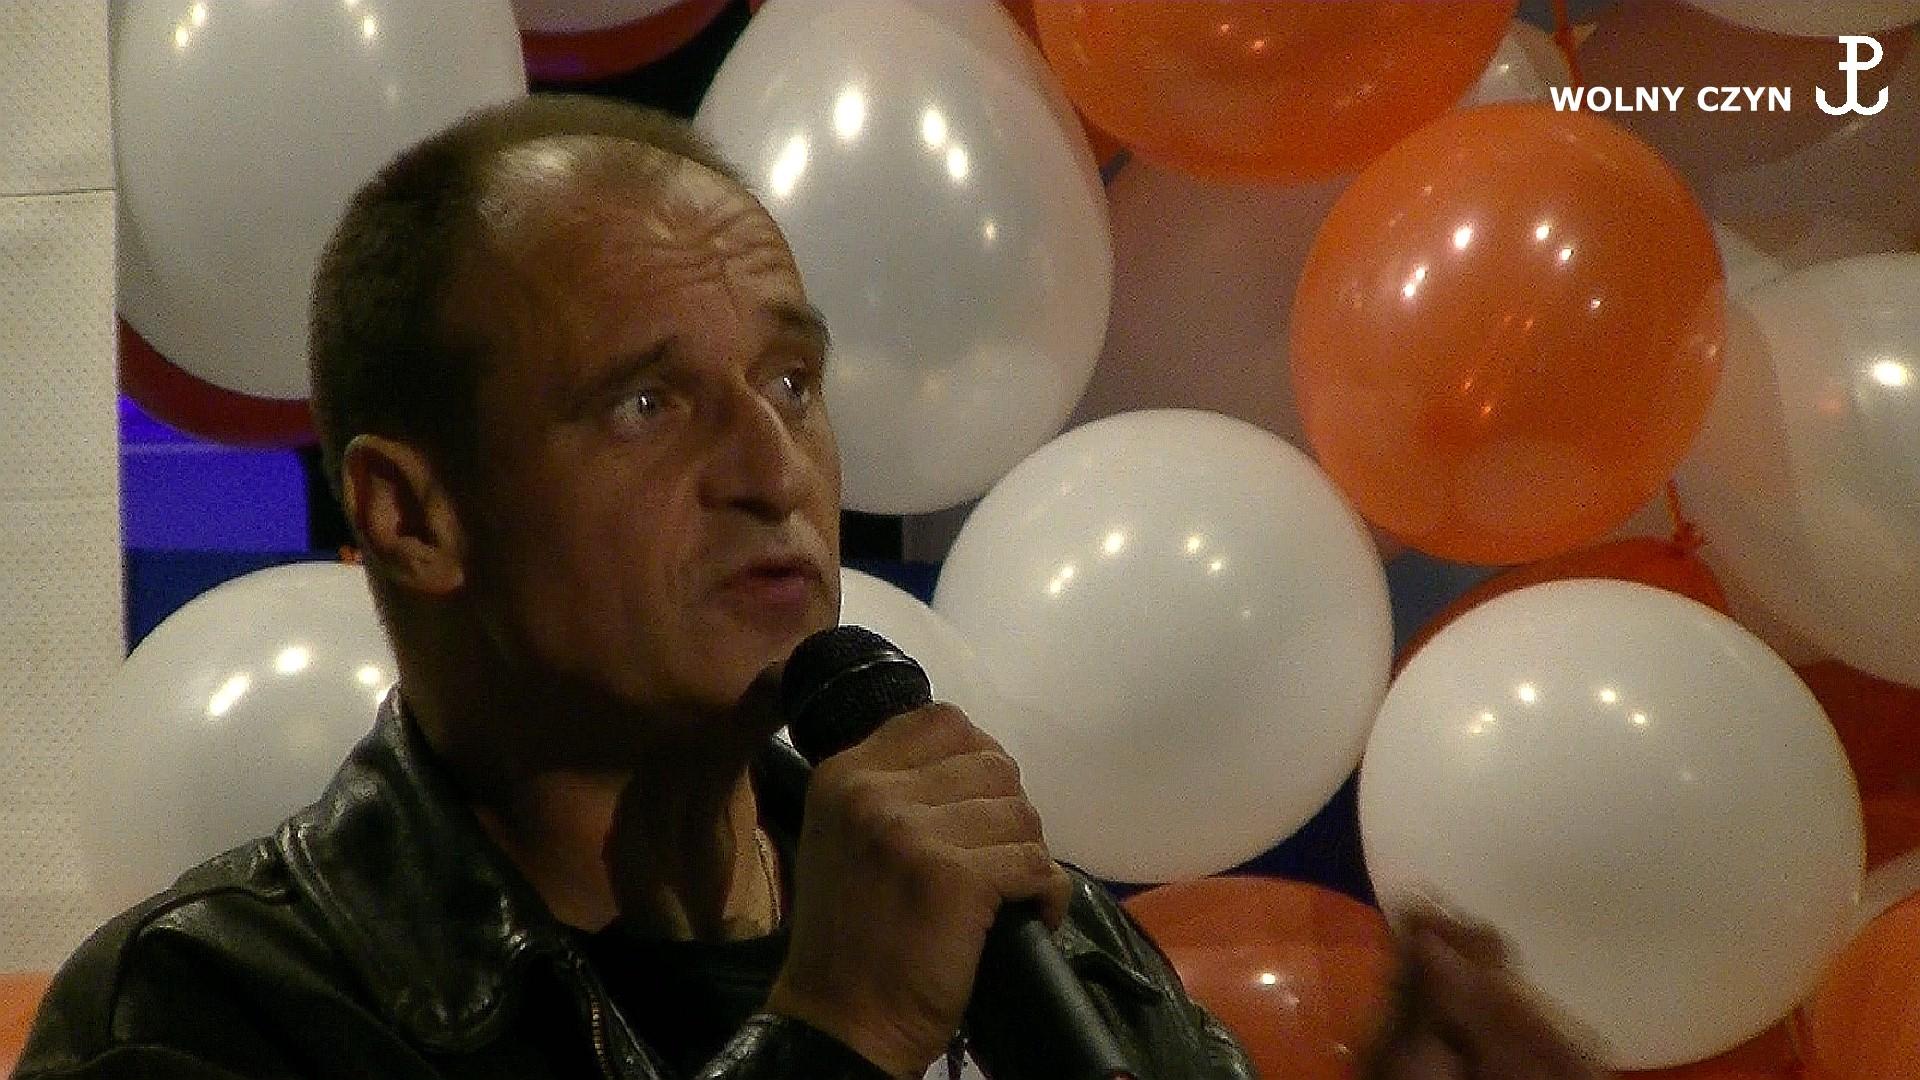 WOLNY CZYN: Konwencja wyborcza Ruchu Kukiza w Katowicach